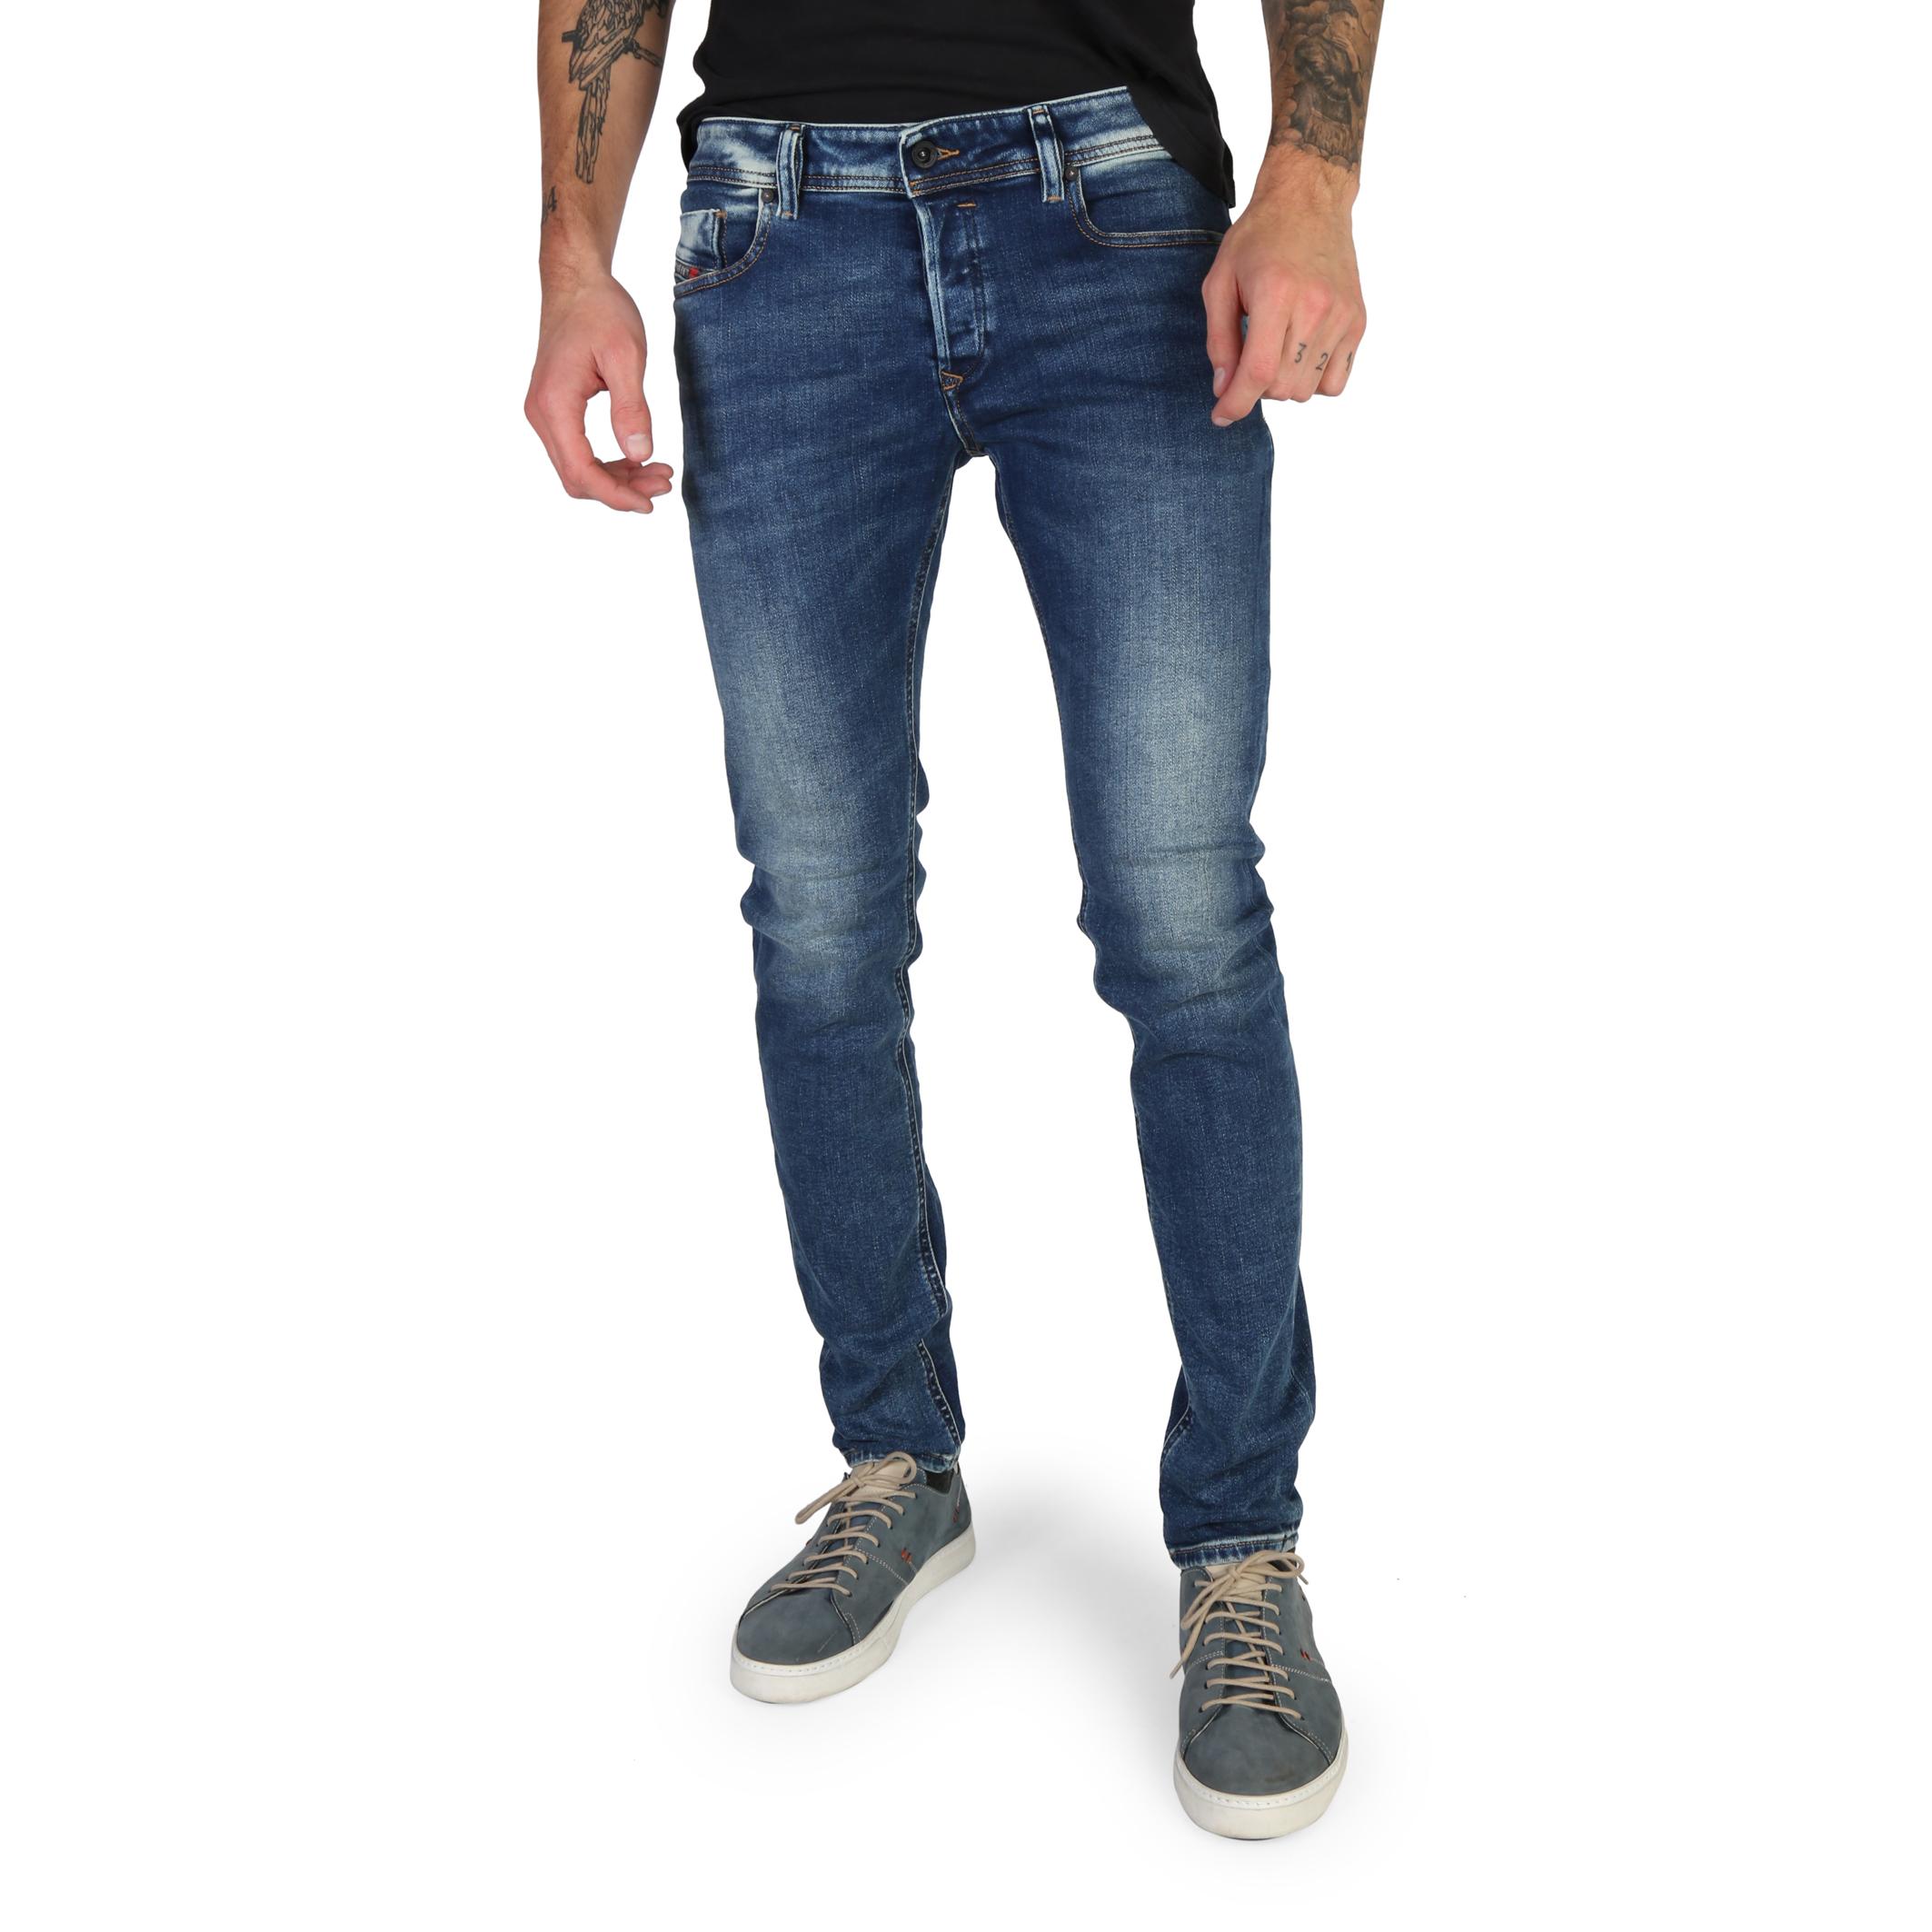 Jeans-Diesel-SLEENKER-L32-00S7VG-Uomo-Blu-103846